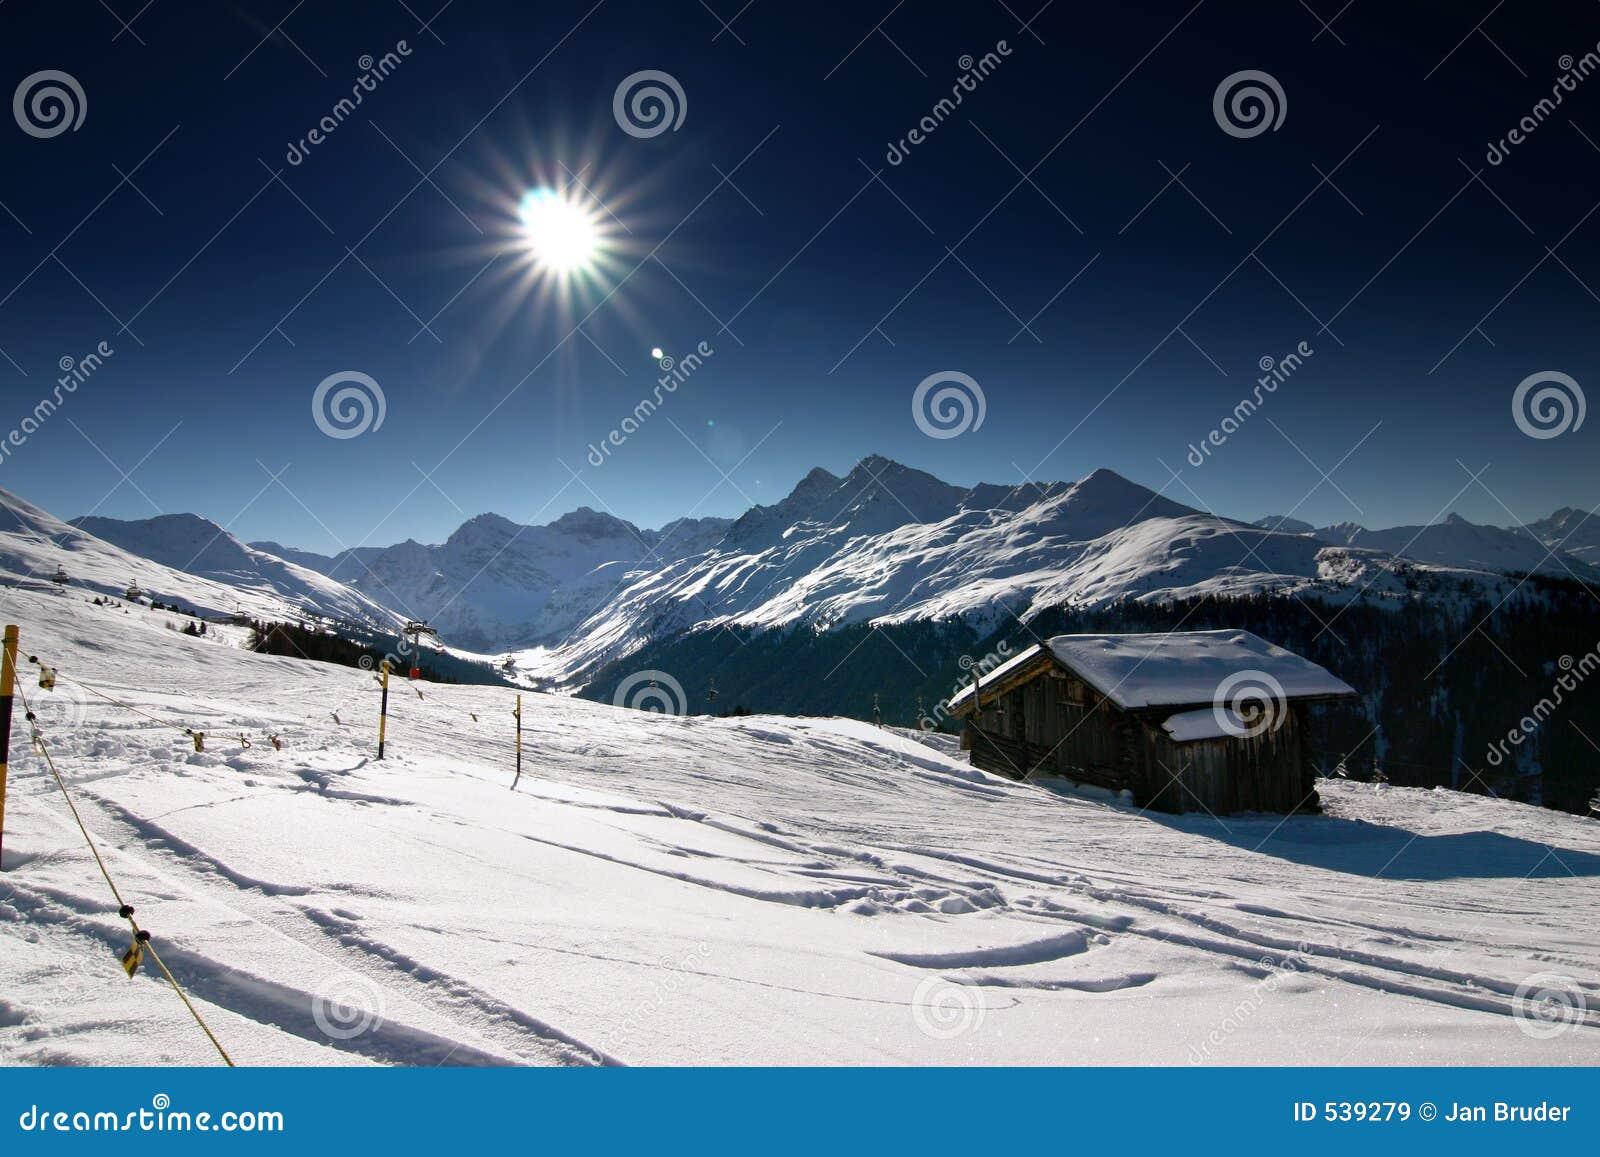 Narty szwajcarskie alpy